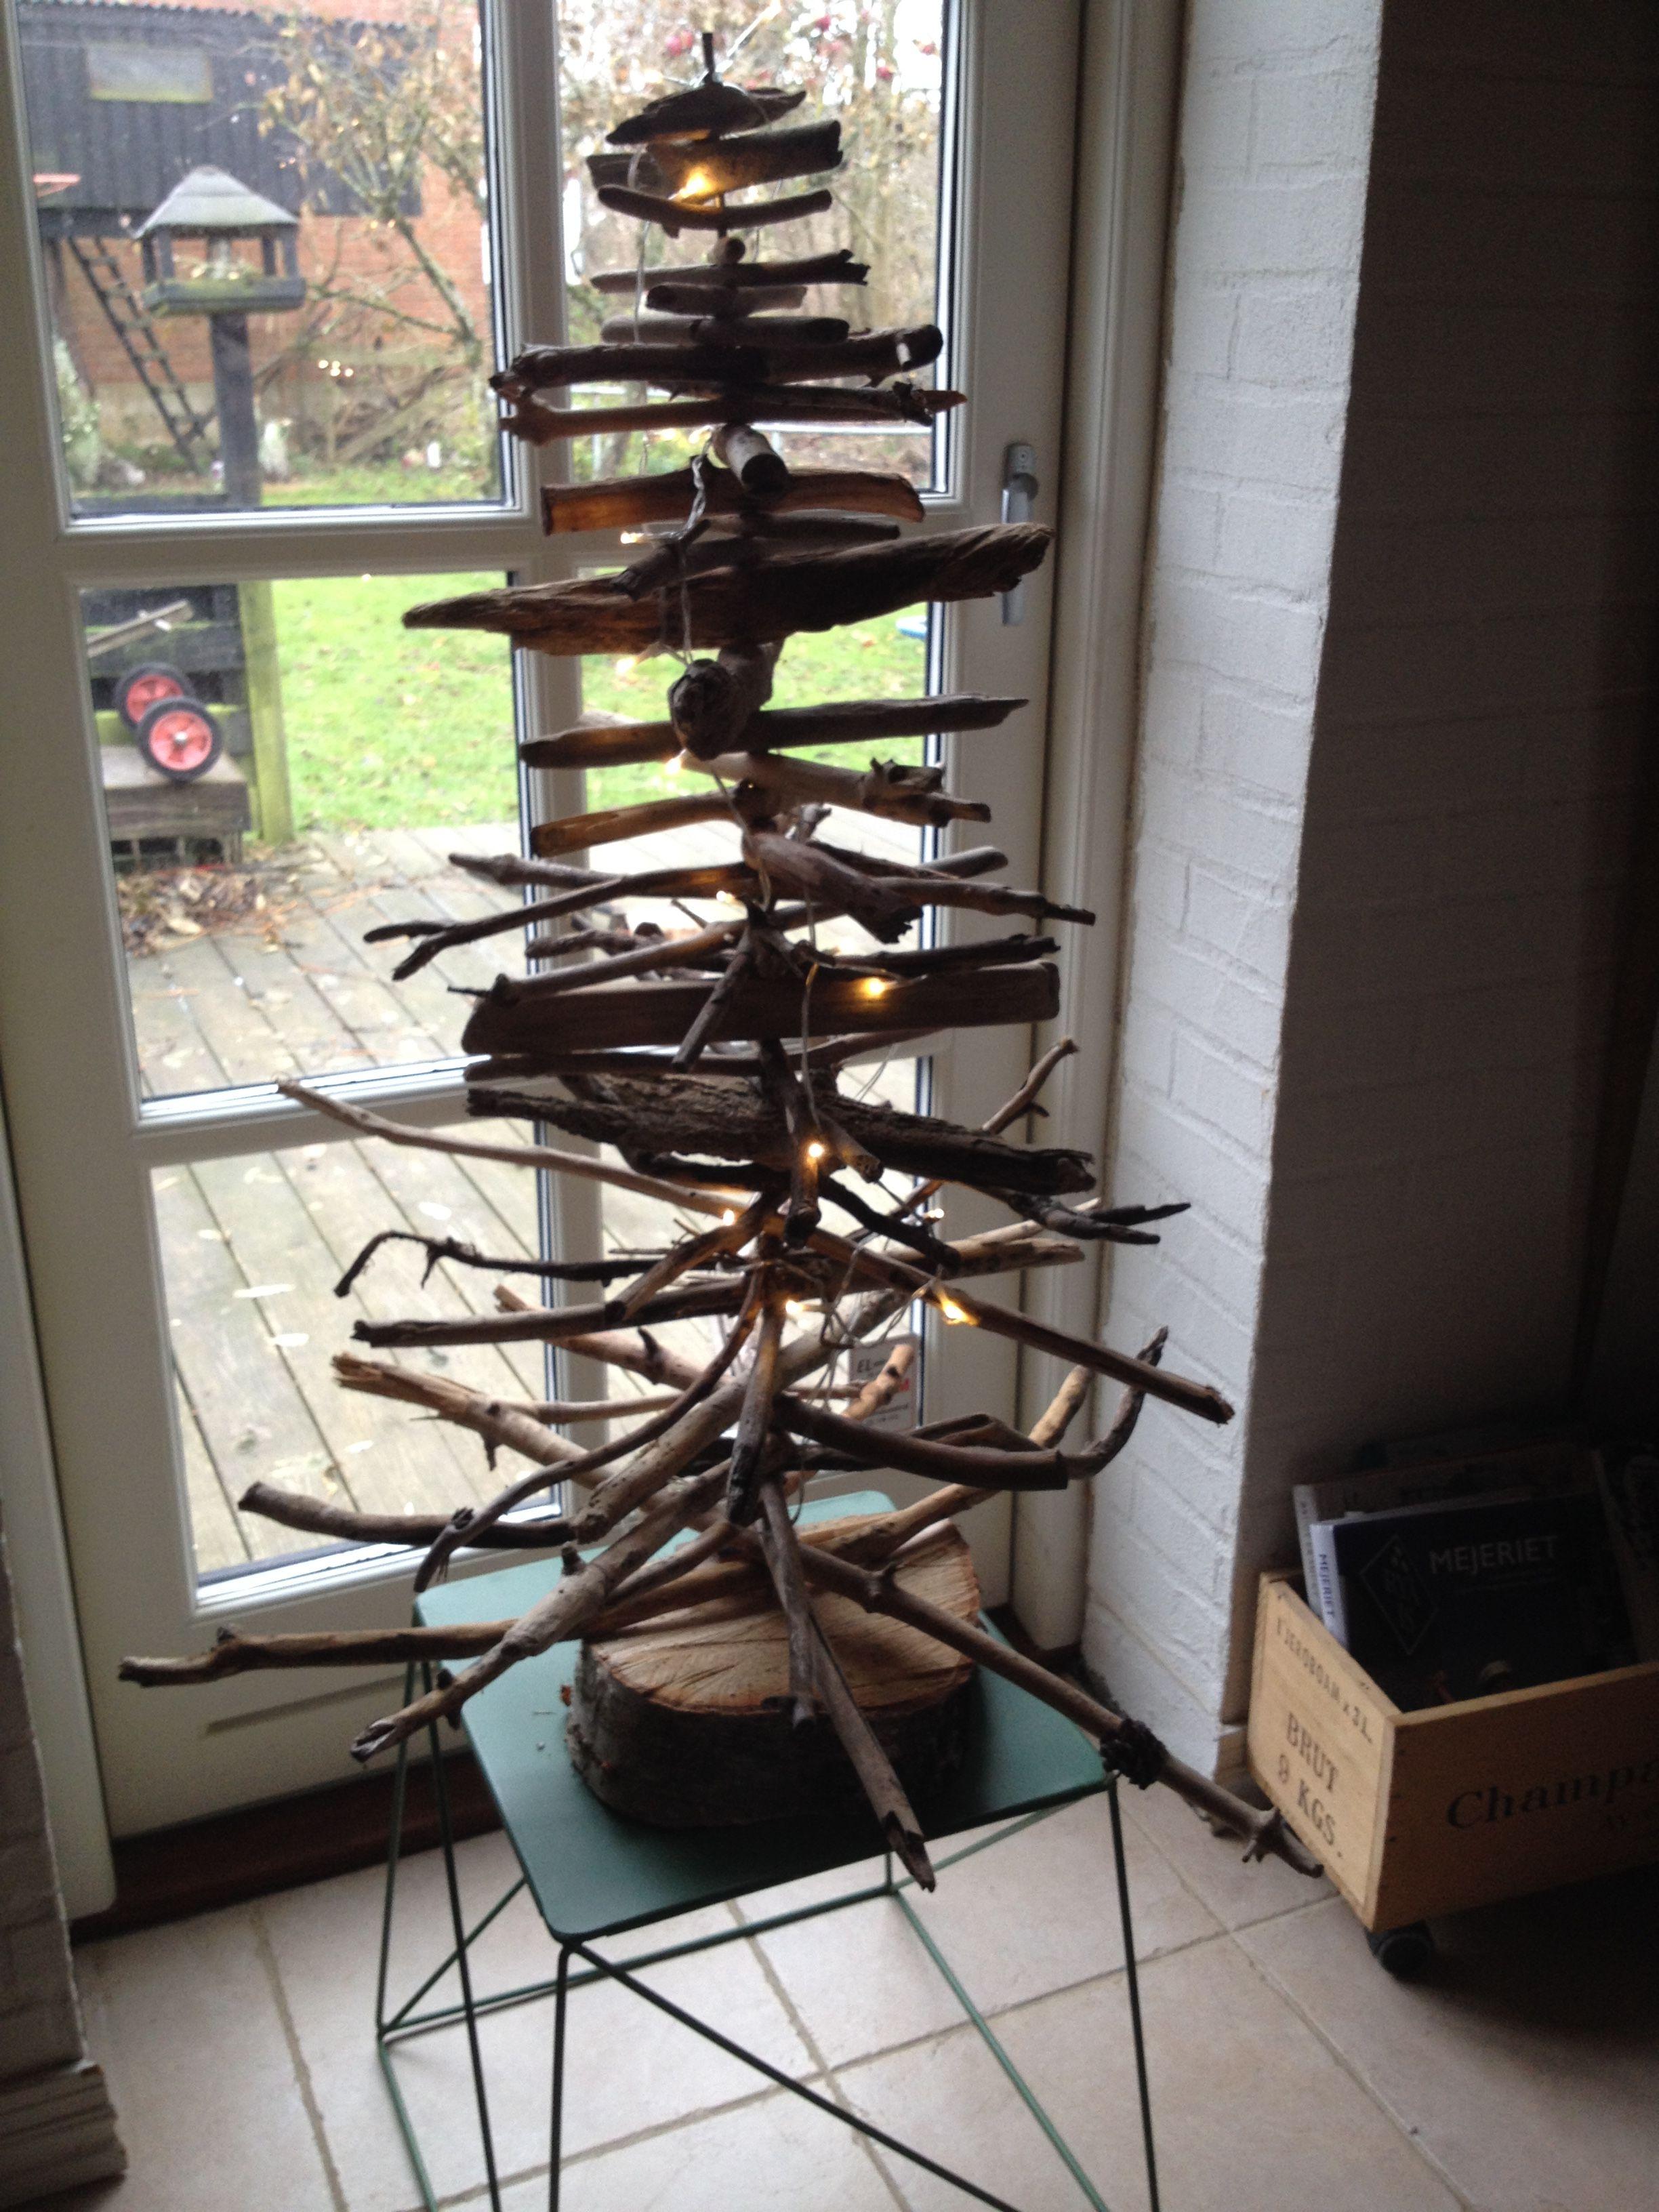 juletræ lavet af små pinde samlet på standen :)